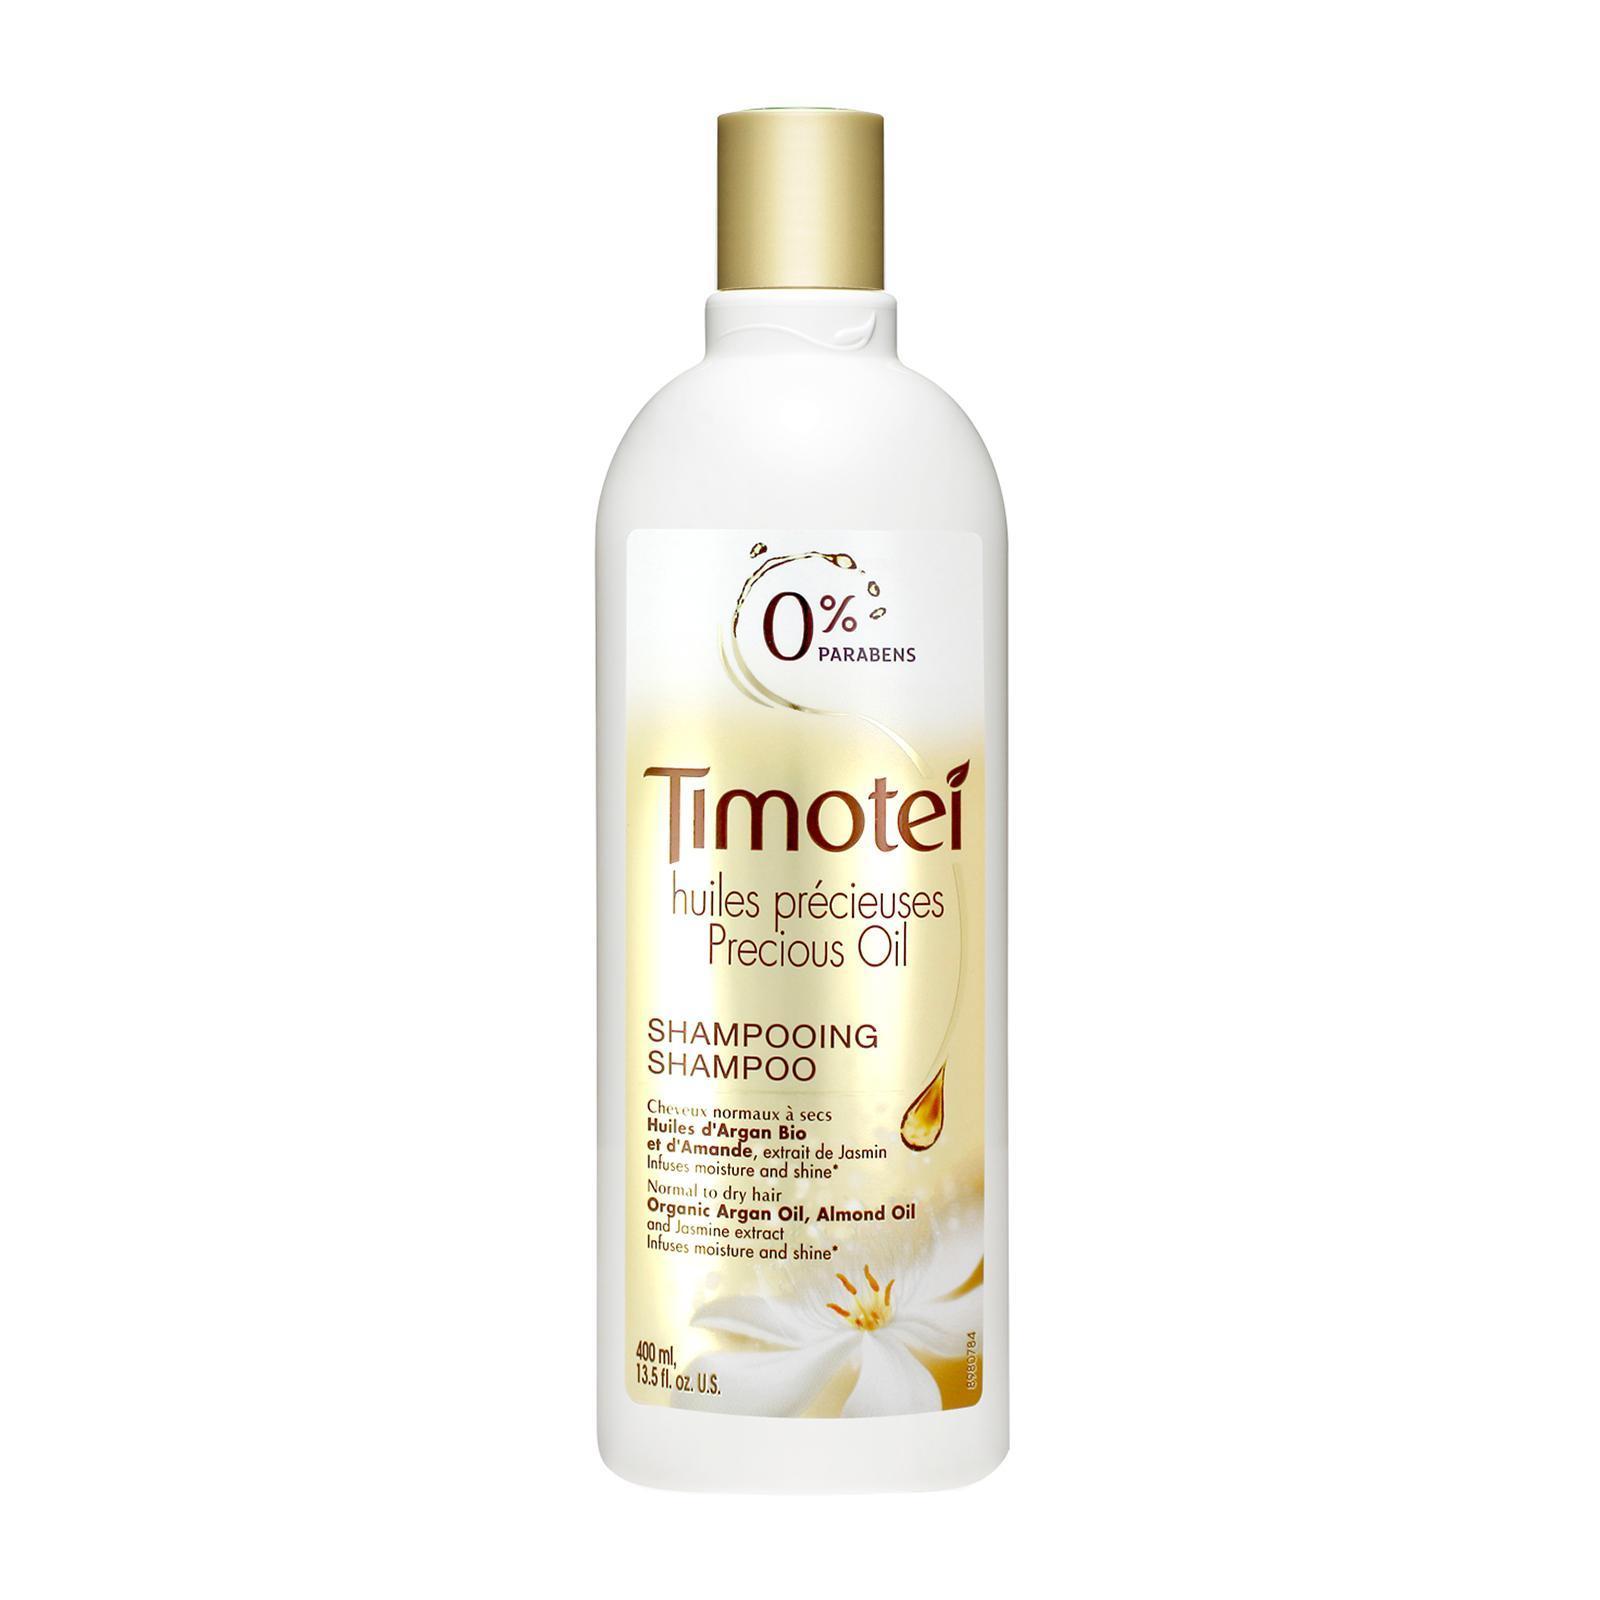 Timotei Precious Oil Shampoo